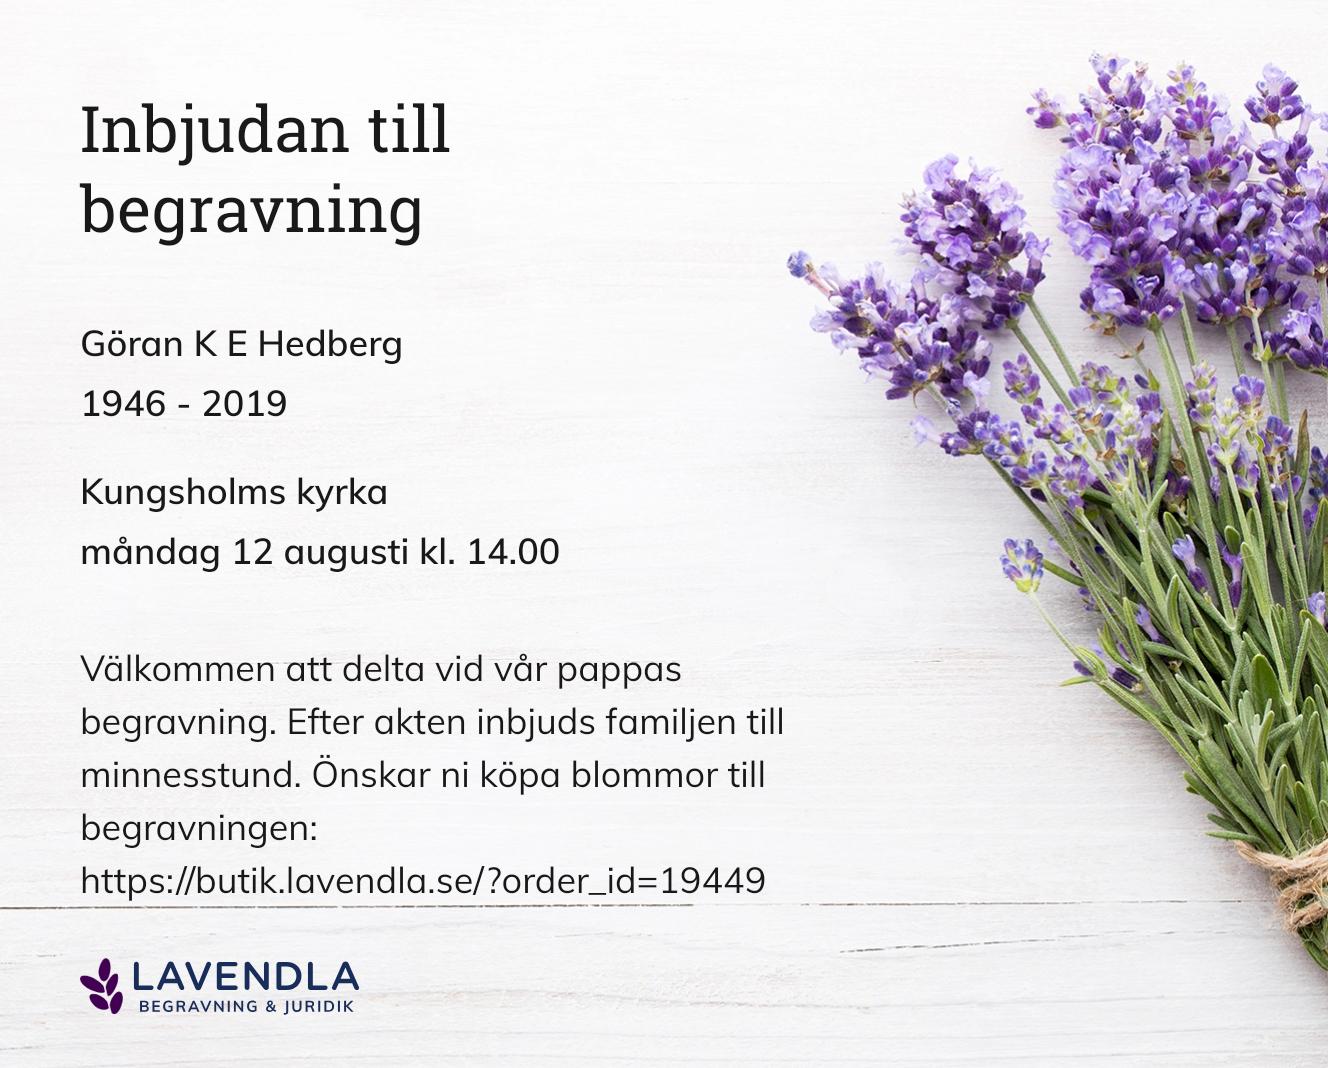 Inbjudningskort till ceremonin för Göran K E Hedberg